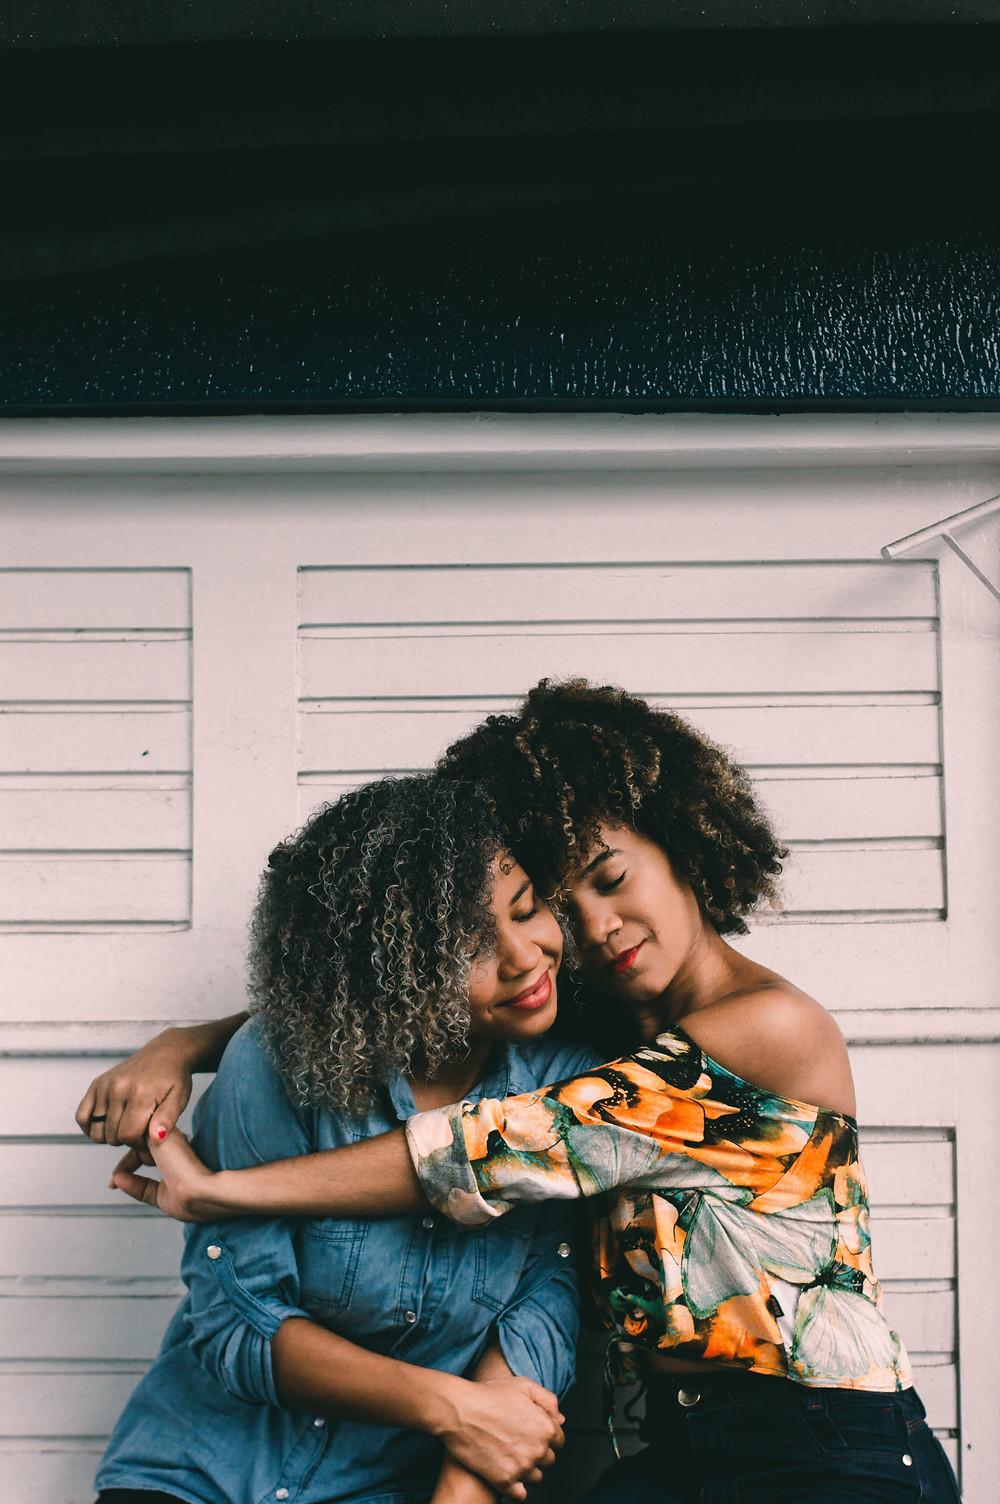 amor, cumplicidade, alegria